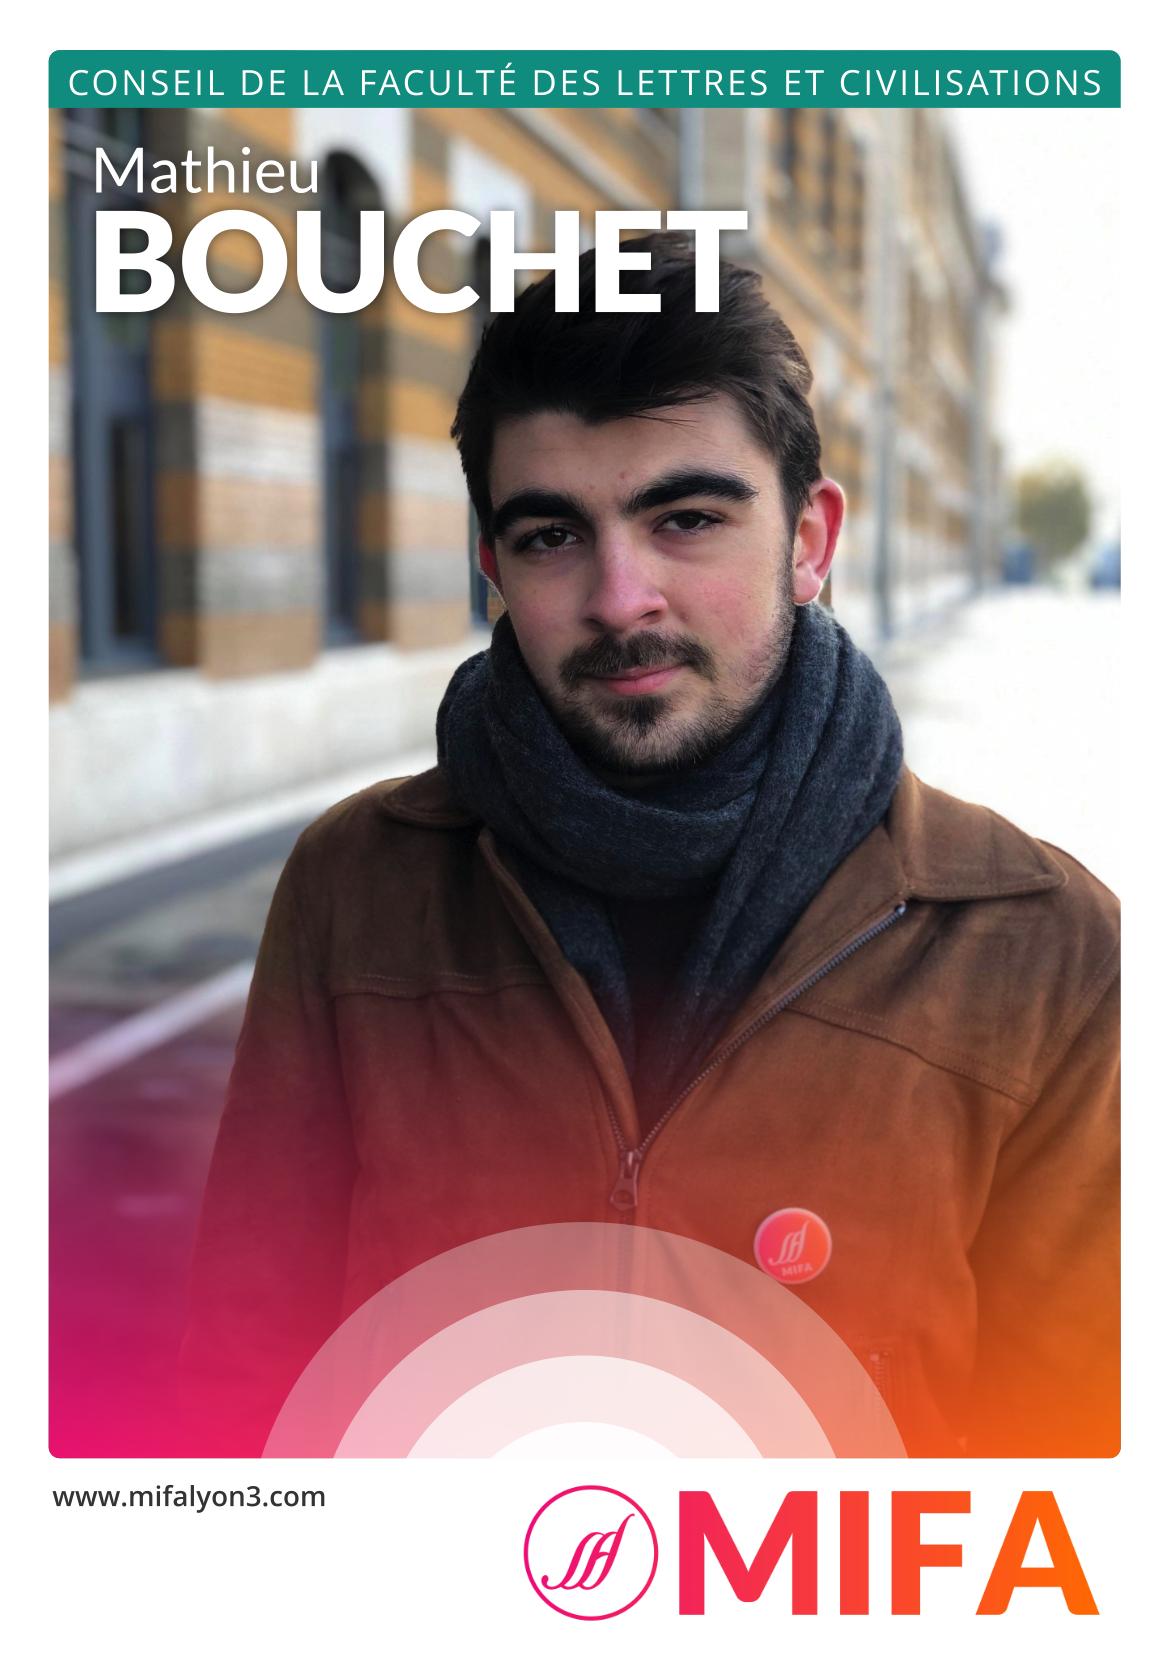 Mathieu BOUCHET